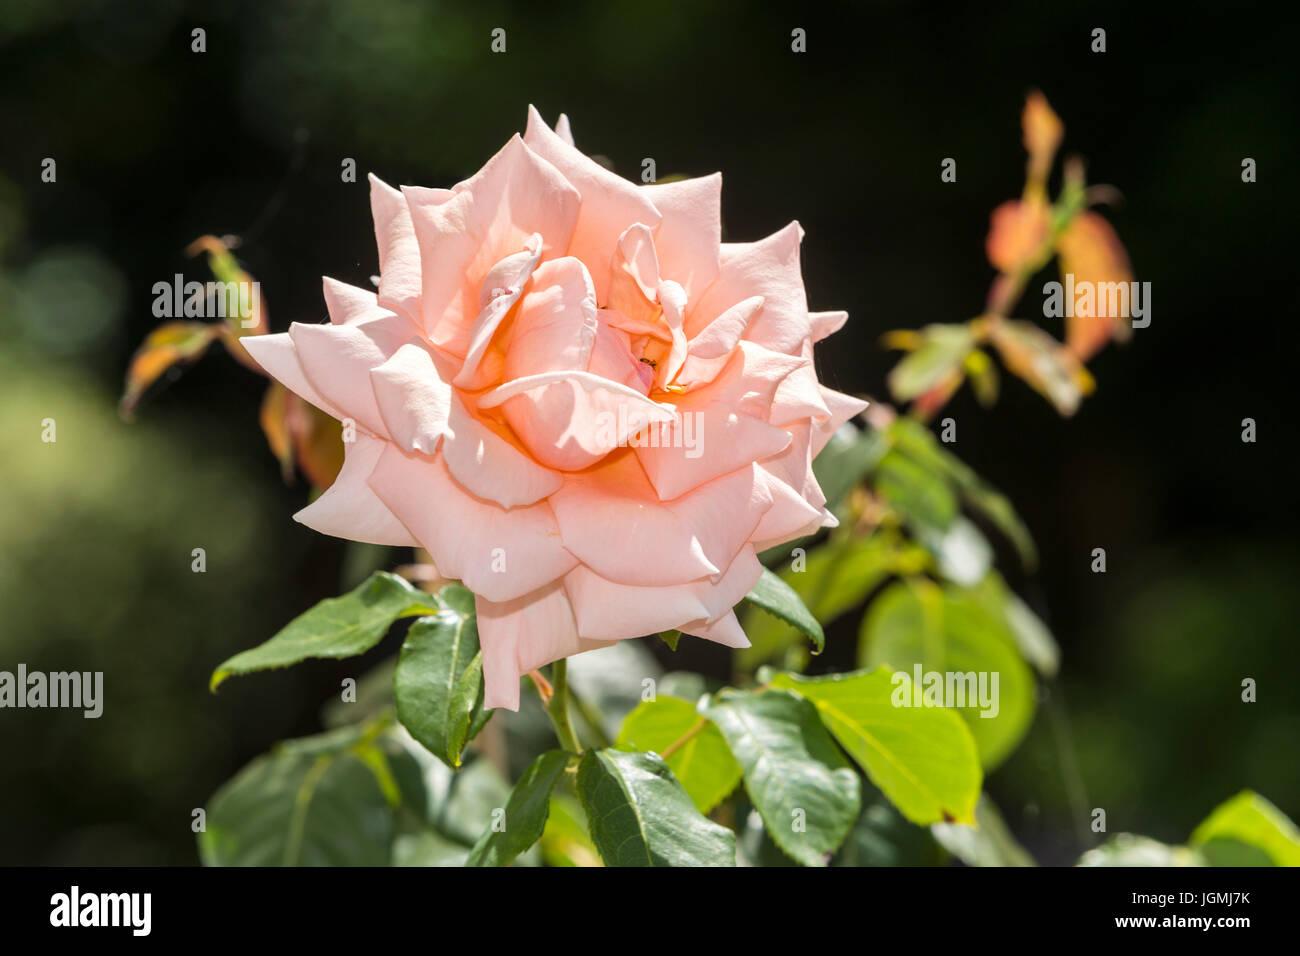 Rose souffle de vie, de plus en plus faible, l'abricot rosier grimpant rose à fleurs, hybrides de thé Photo Stock